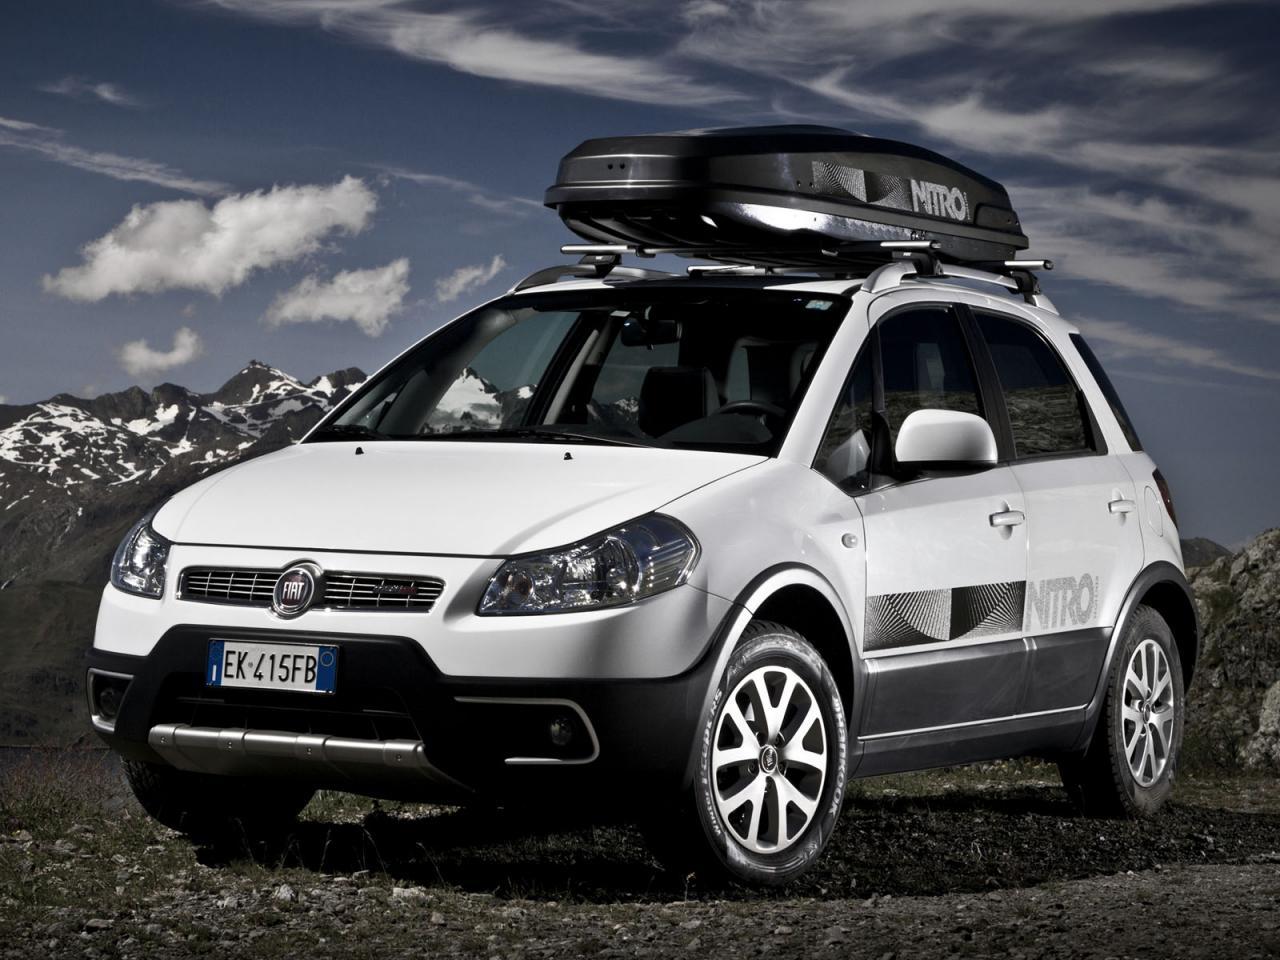 [Resim: Fiat+Sedici+Nitro.jpg]